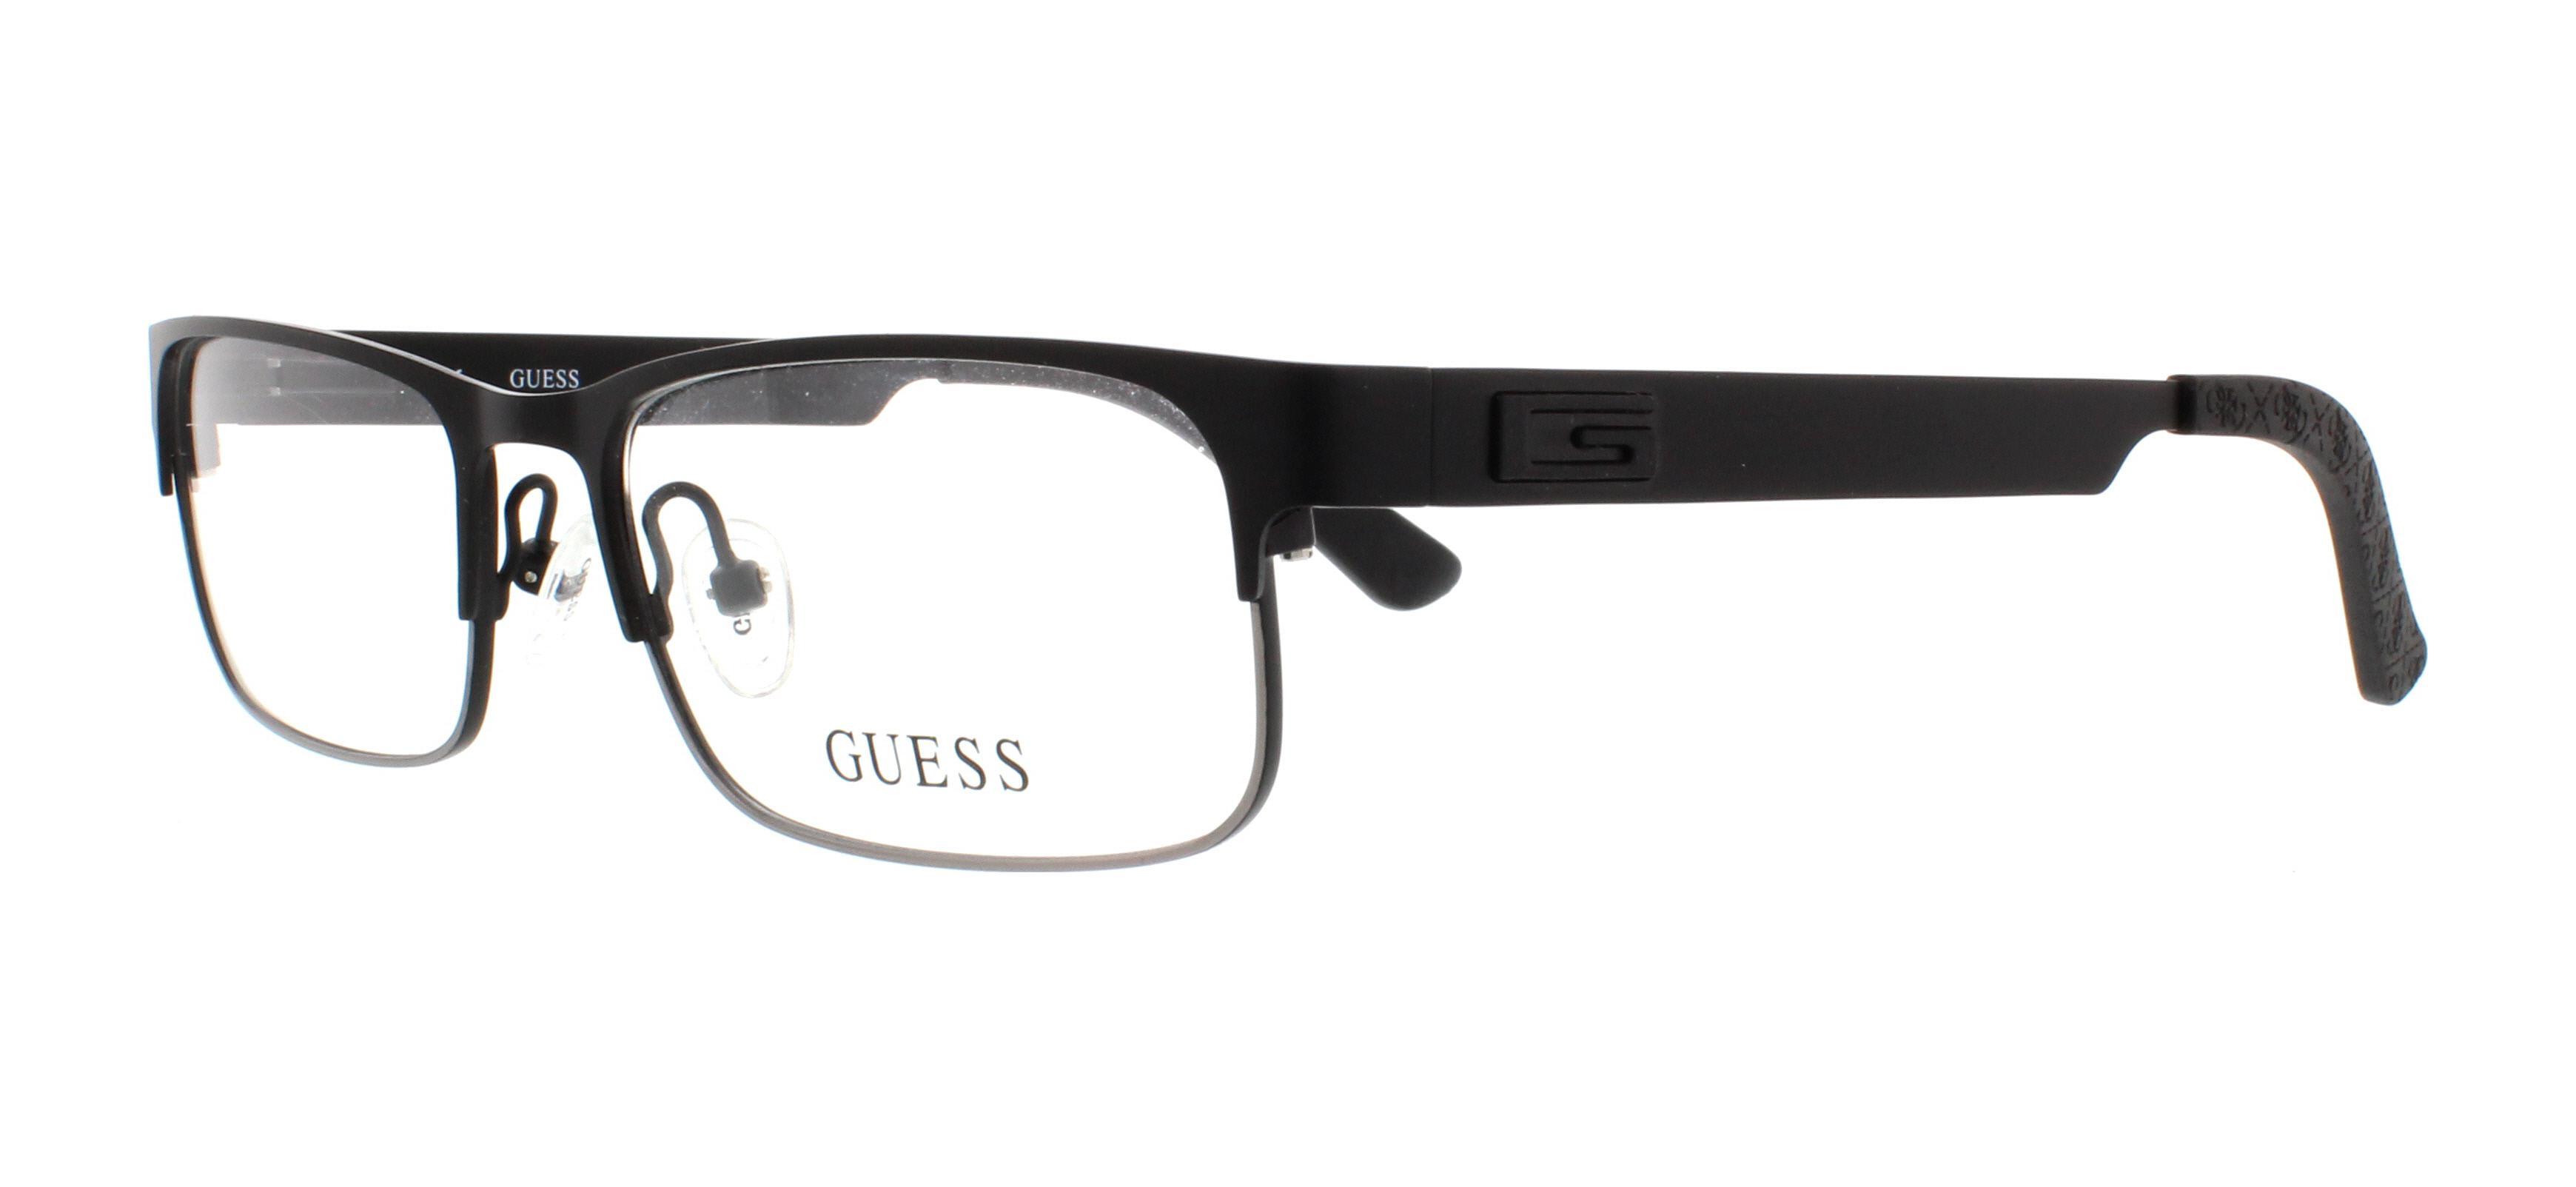 d2250a2d980e15 Designer Frames Outlet. Guess GU 1731